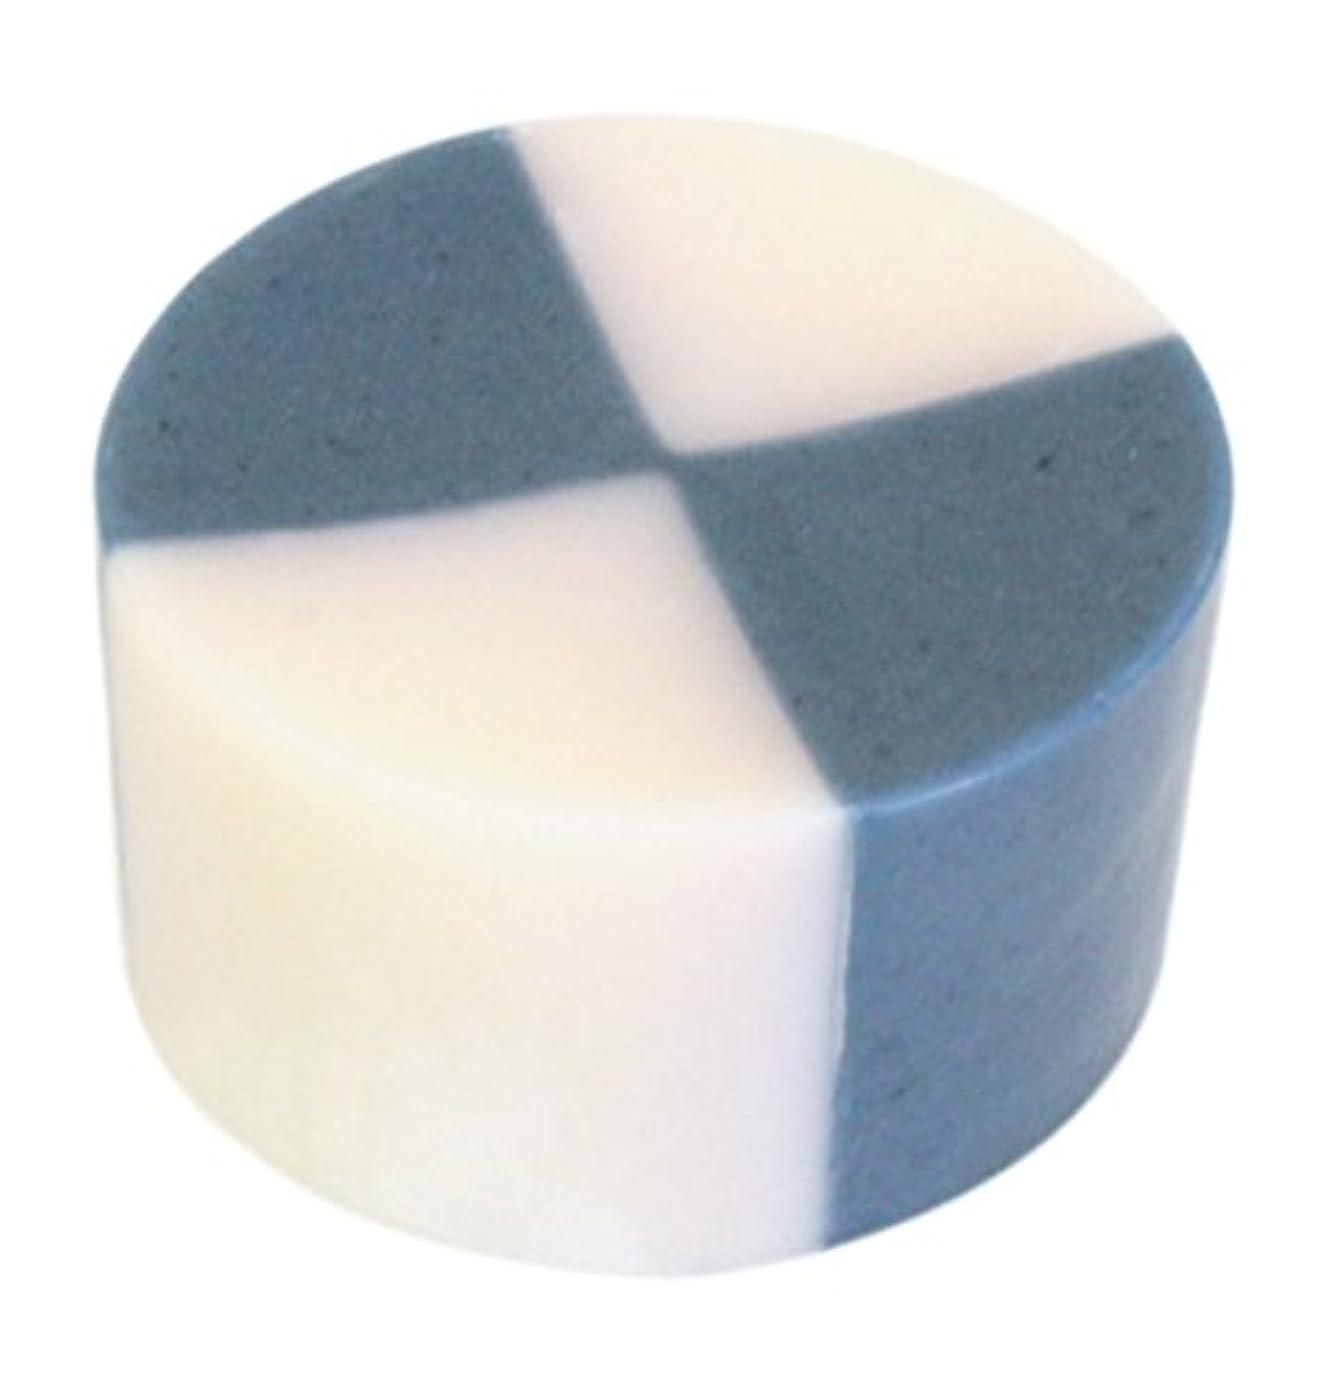 周り葉巻大気藍色工房 藍染め石けん「いちまつ」(60g)